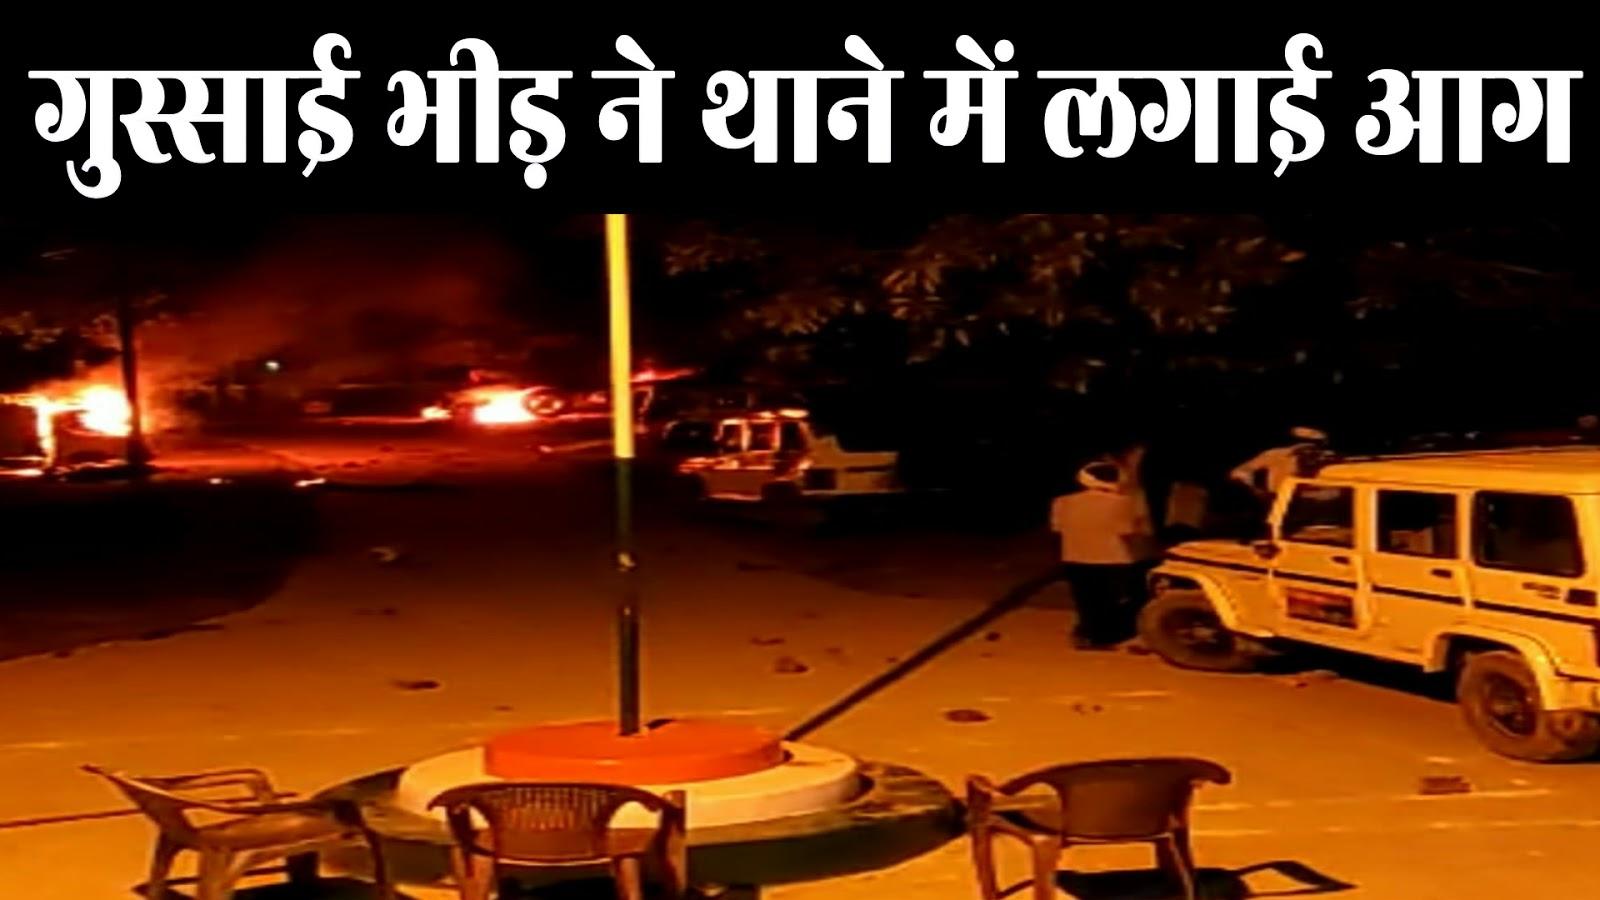 युवक की मौत से गुस्साई भीड़ ने थाने में लगाई आग, पुलिस ने की फायरिंग